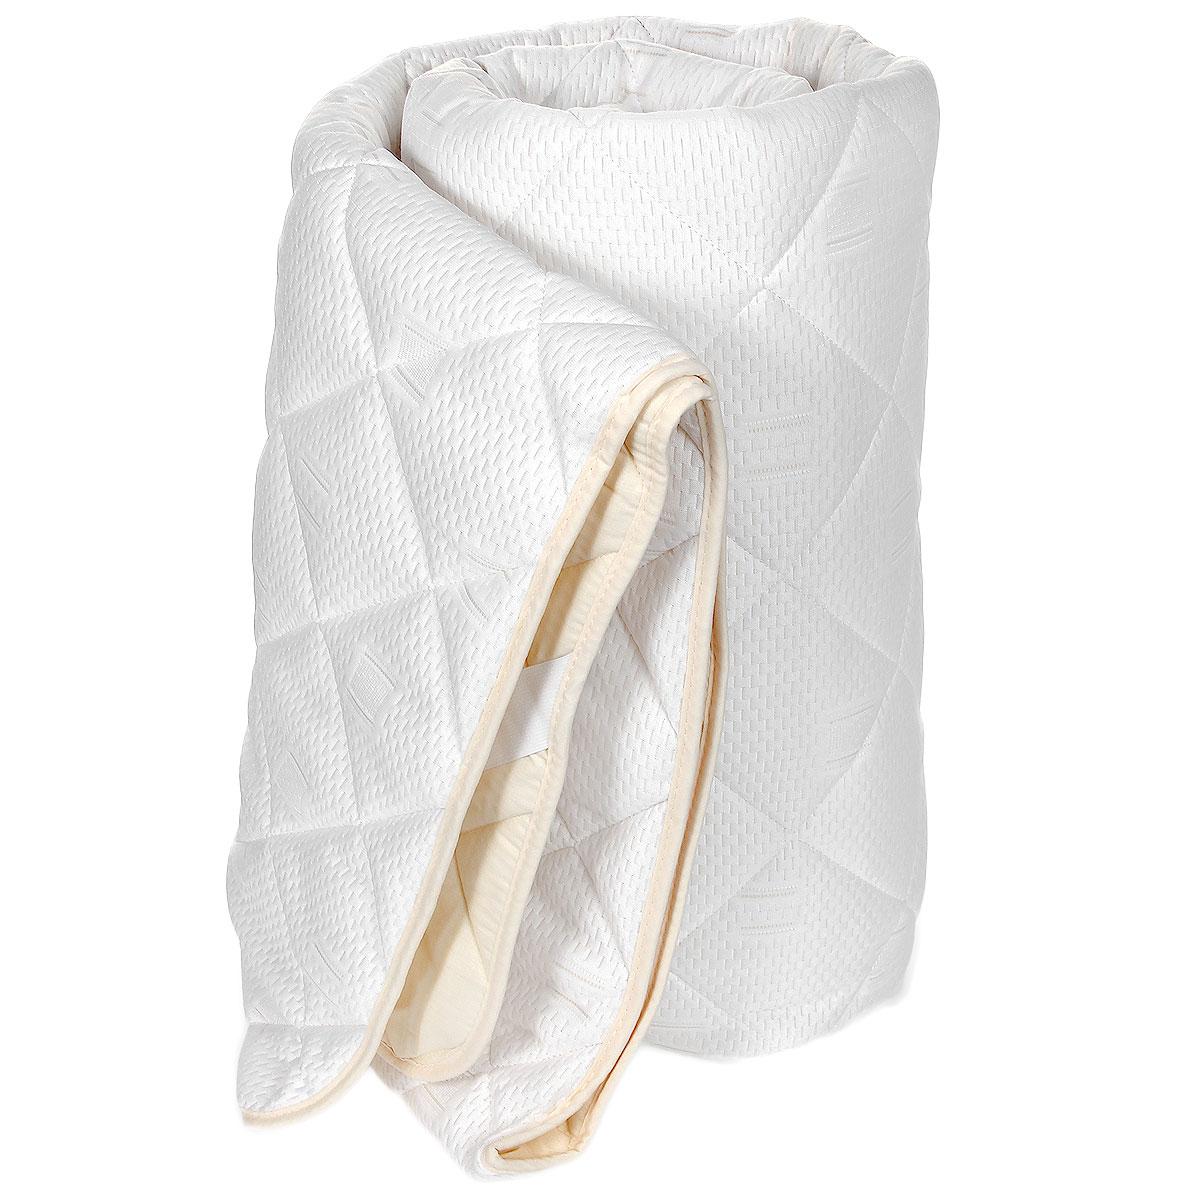 """Наматрасник OL-Tex """"Бабмук"""" с наполнителем из полиэфирного высокосиликонизированного микроволокна на основе бамбука сделает ваш сон еще комфортнее. Чехол выполнен из поликоттона сливочного цвета и оформлен декоративной стежкой в виде крупных ромбов, что обеспечивает равномерное распределение тепла. Изделие изготовлено из экологичных природных и нетоксичных материалов, обладает антисептическим эффектом, гигиенично и не вызывает аллергии. Наматрасник оснащен резинками по углам, поэтому прочно удерживается на матрасе и избавляет от необходимости часто поправлять. Это защитит матрас от грязи и пыли и придаст дополнительный комфорт вашему спальному месту. Мягкий и легкий, он прекрасно подойдет для жестких кроватей и диванов, делая ваш сон спокойным и приятным. Легко стирается.    Бамбуковое волокно - это экологически чистая основа для создания наполнителя нового поколения, имеет естественные антибактериальные и дезодорирующие функции. Обладает прекрасной воздухопроницаемостью и впитывающими свойствами за счет пористой структуры бамбукового волокна. Не вызывает раздражений на коже человека, идеально подходит людям, страдающим аллергией и астмой. Обладает замечательной вентилирующей способностью и отличается высоким показателем чистоты. Природные свойства бамбука препятствуют проникновению бактерий и образованию запахов. Отлично переносит многократные циклы стирок и сушек.   Наматрасник упакован в прозрачный пластиковый чехол на змейке с ручкой, что является чрезвычайно удобным при переноске.    Рекомендации по уходу: - Стирка в теплой воде (температура до 30°С), - Нельзя отбеливать. При стирке не использовать средства, содержащие отбеливатели (хлор), - Сушить вертикально без отжима,  - Не гладить. Не применять обработку паром, - Нельзя выжимать и сушить в стиральной машине. Характеристики:  Материал чехла: трикотажное полотно (бамбук/полиэстер), поликоттон (50% хлопок/50% полиэстер). Наполнитель: волокно на основе бамбука, полиэстер. Цвет: сливочный. Плотность: 200 г/м3. """